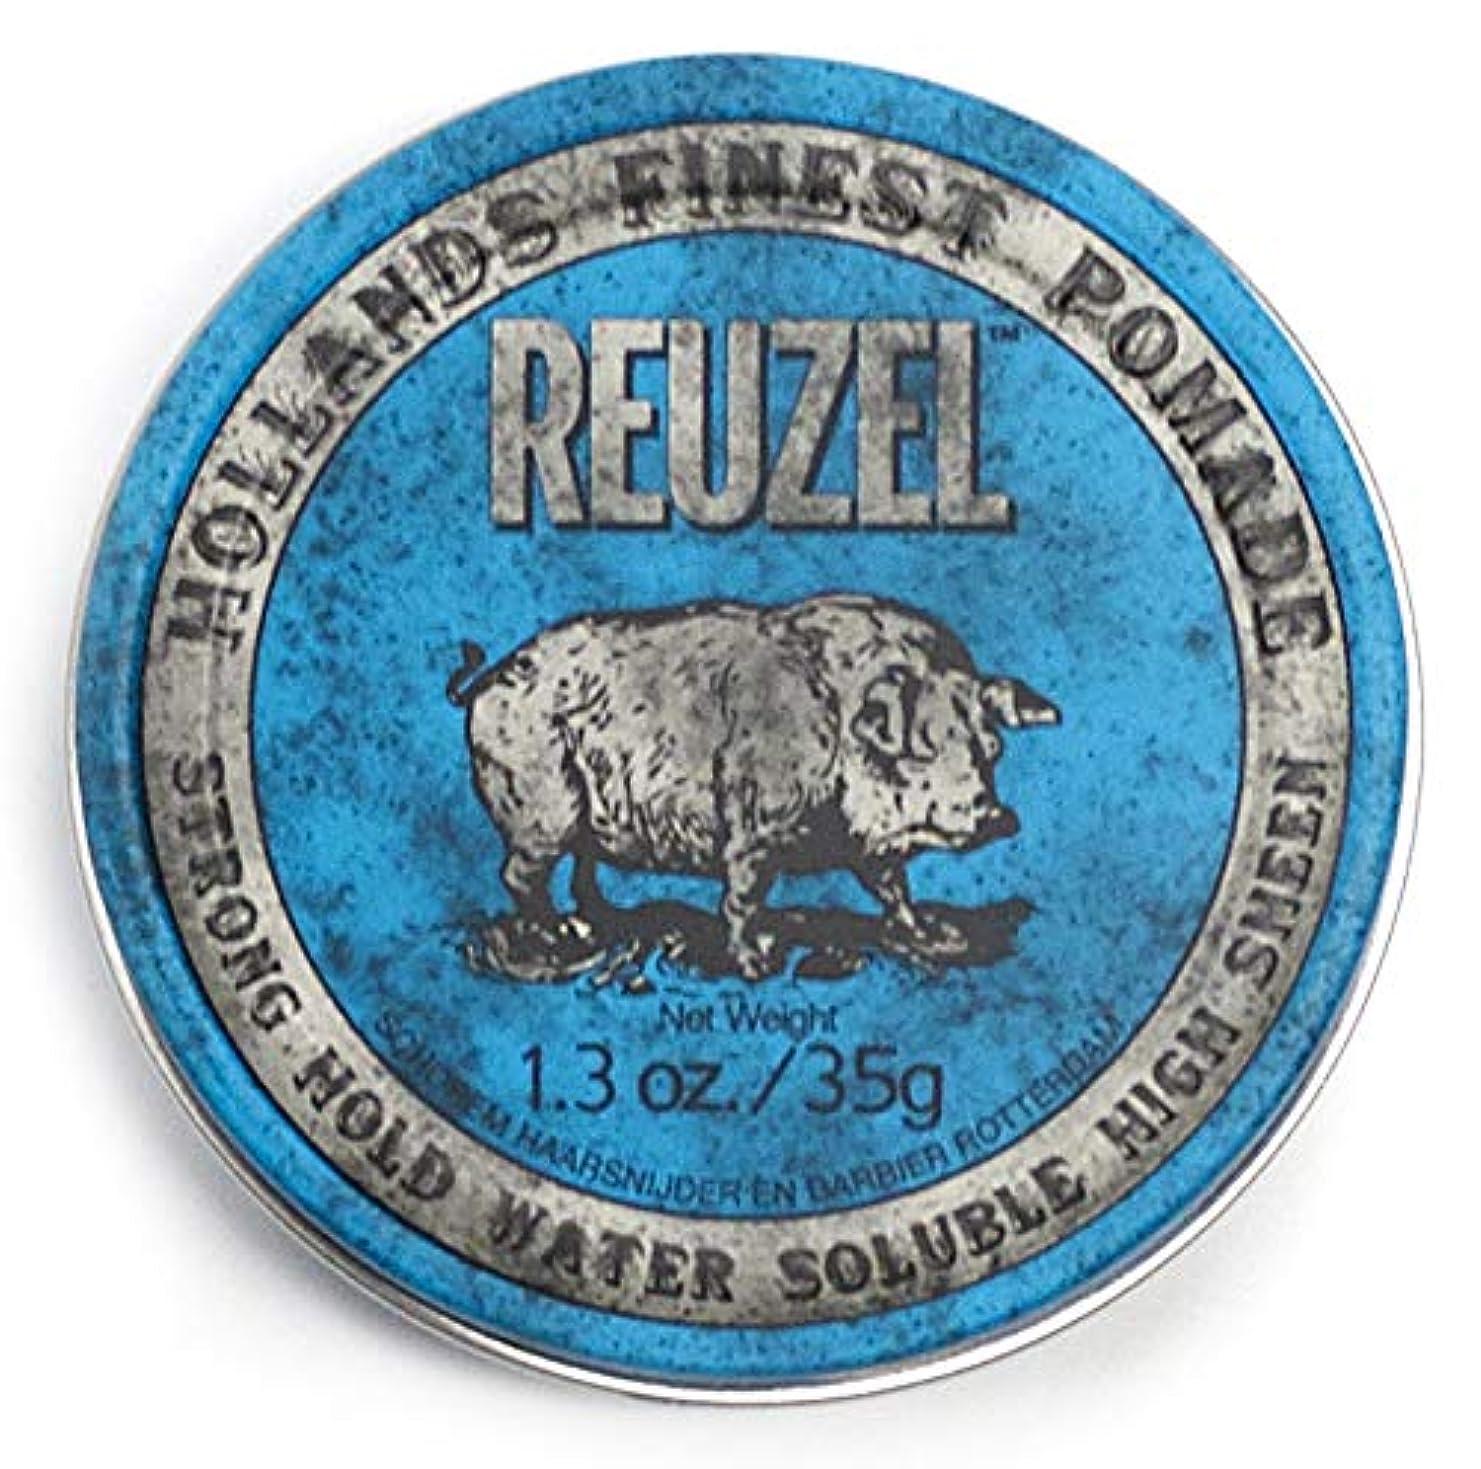 騒々しい非効率的な抵当ルーゾー ブル ストロングホールド ハイシーン ポマード Reuzel Blue Strong Hold Water Soluble High Sheen Pomade 35 g [並行輸入品]